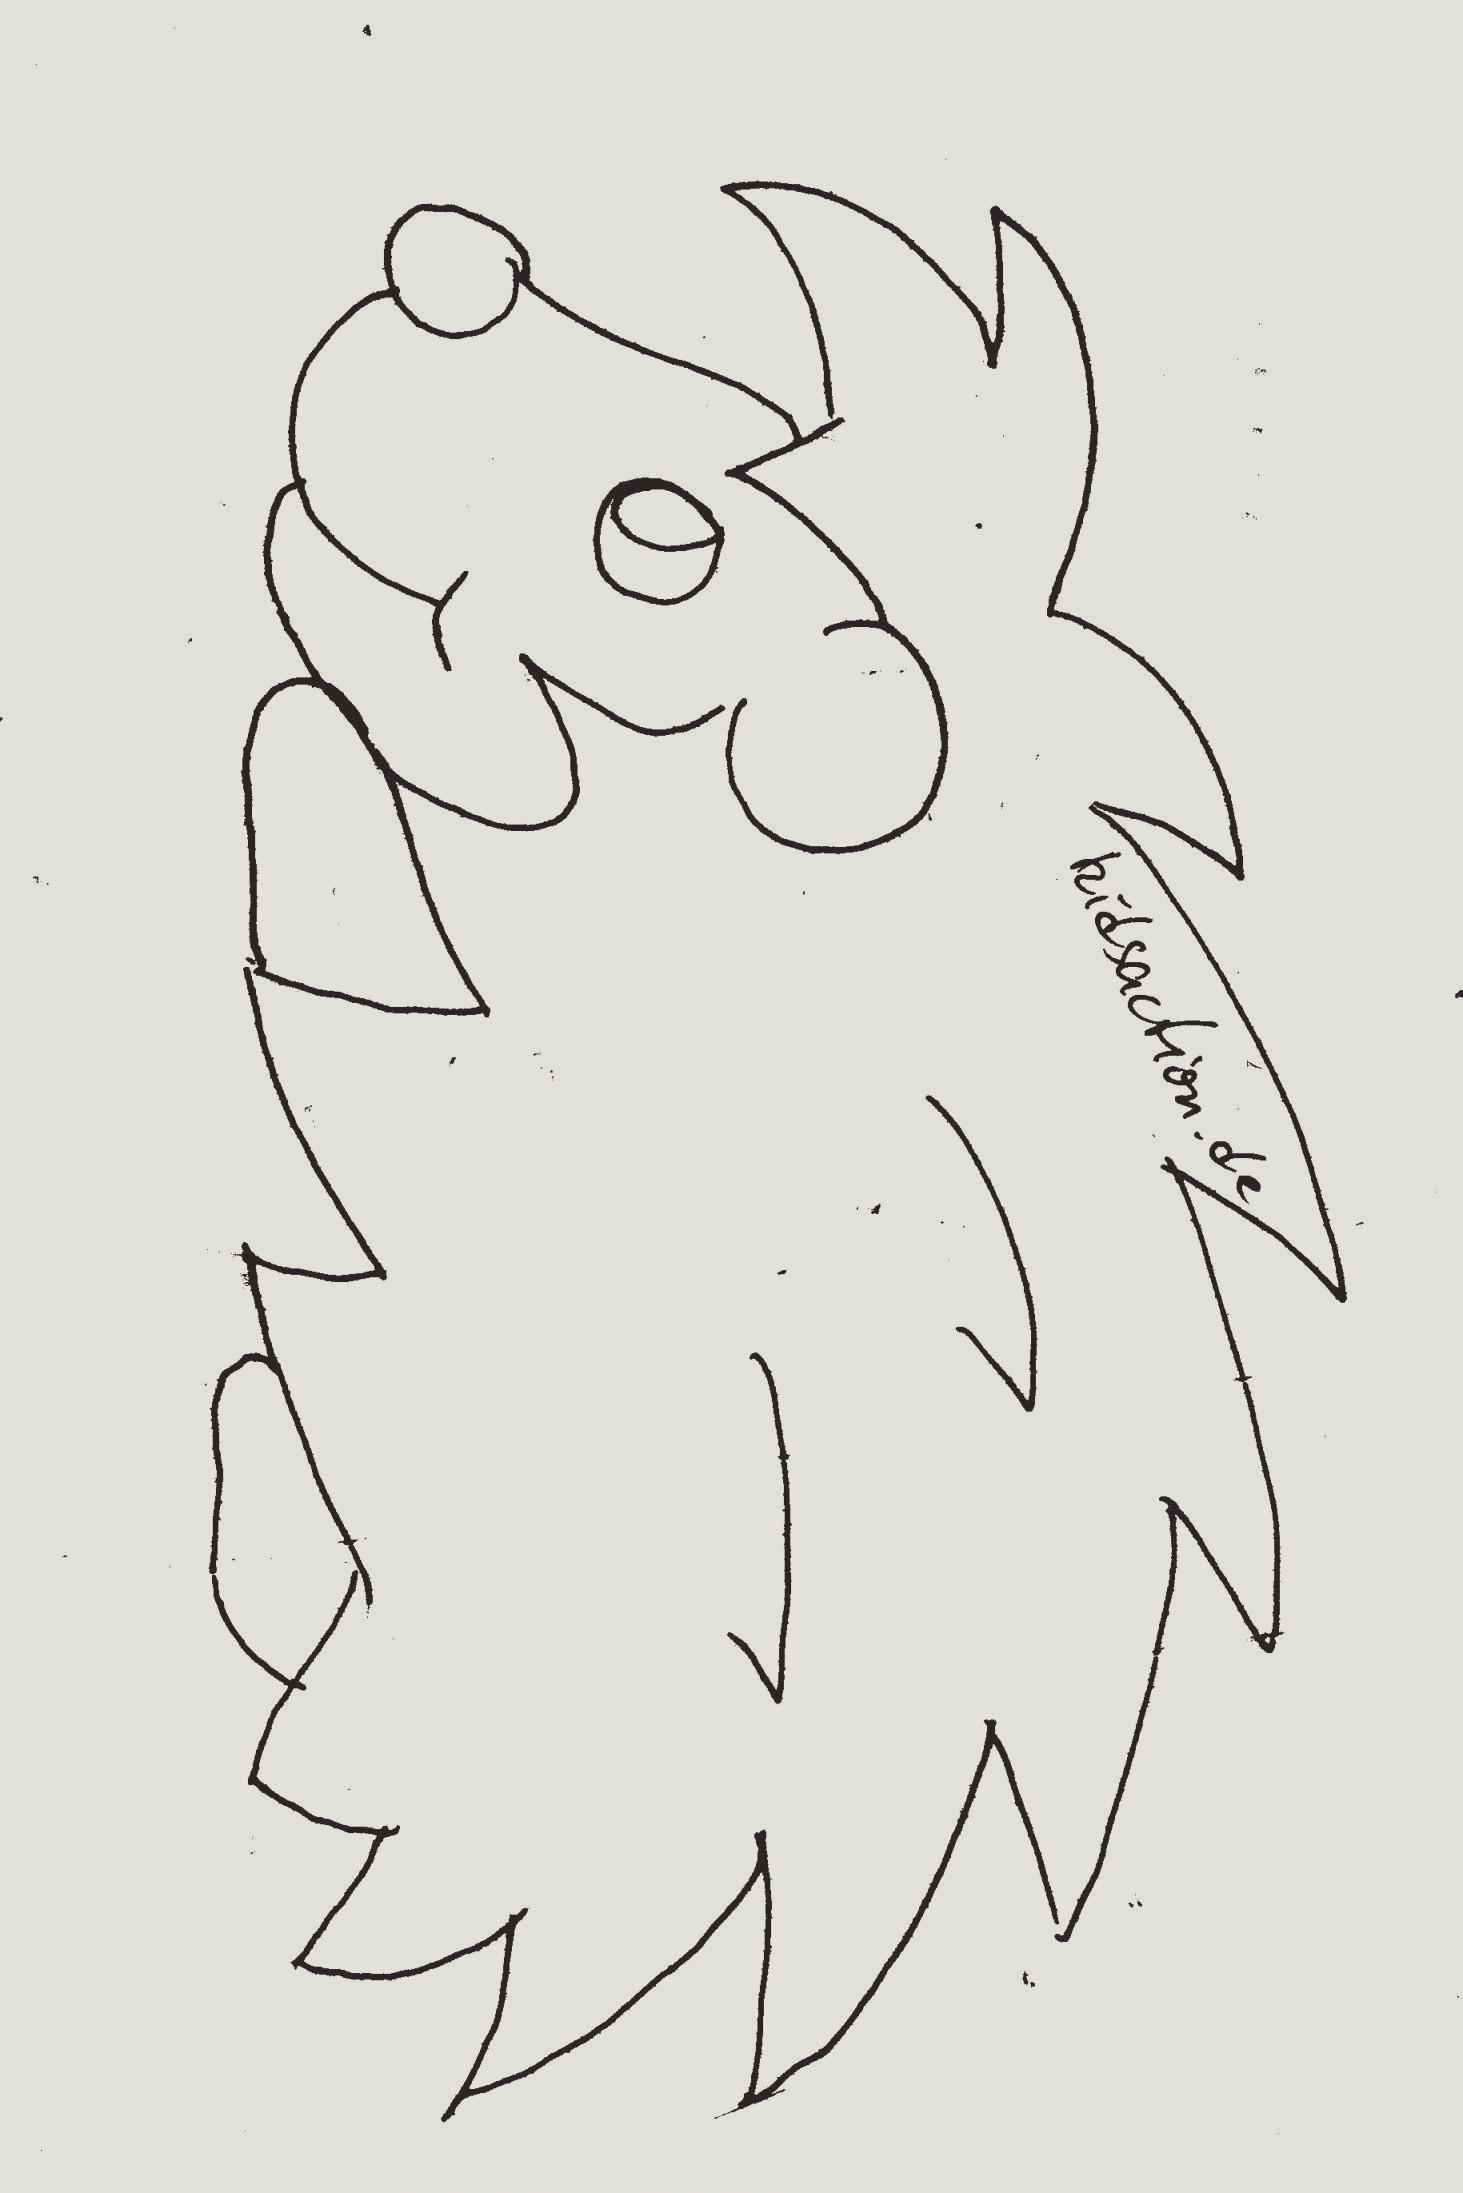 Ausmalbilder Pokemon Ausdrucken Inspirierend 30 Kostenlose Pokemon Ausmalbilder Zum Ausdrucken Ausdrucken Das Bild